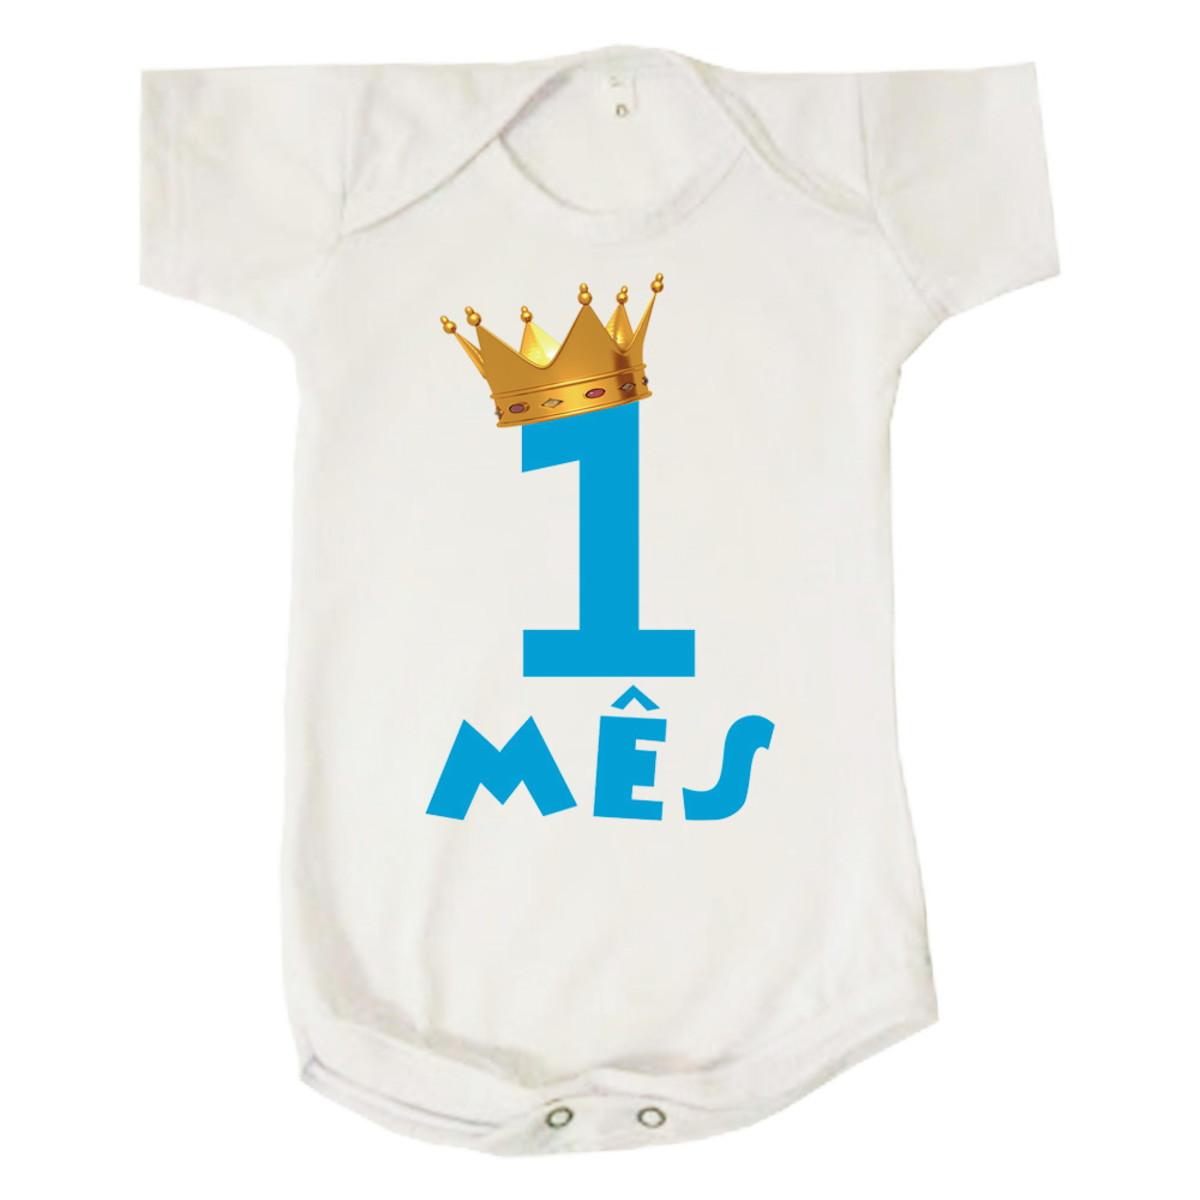 9f14fc95e Body Bebê Infantil Mesversario Primeiro Mês Azul no Elo7 | Loja ...